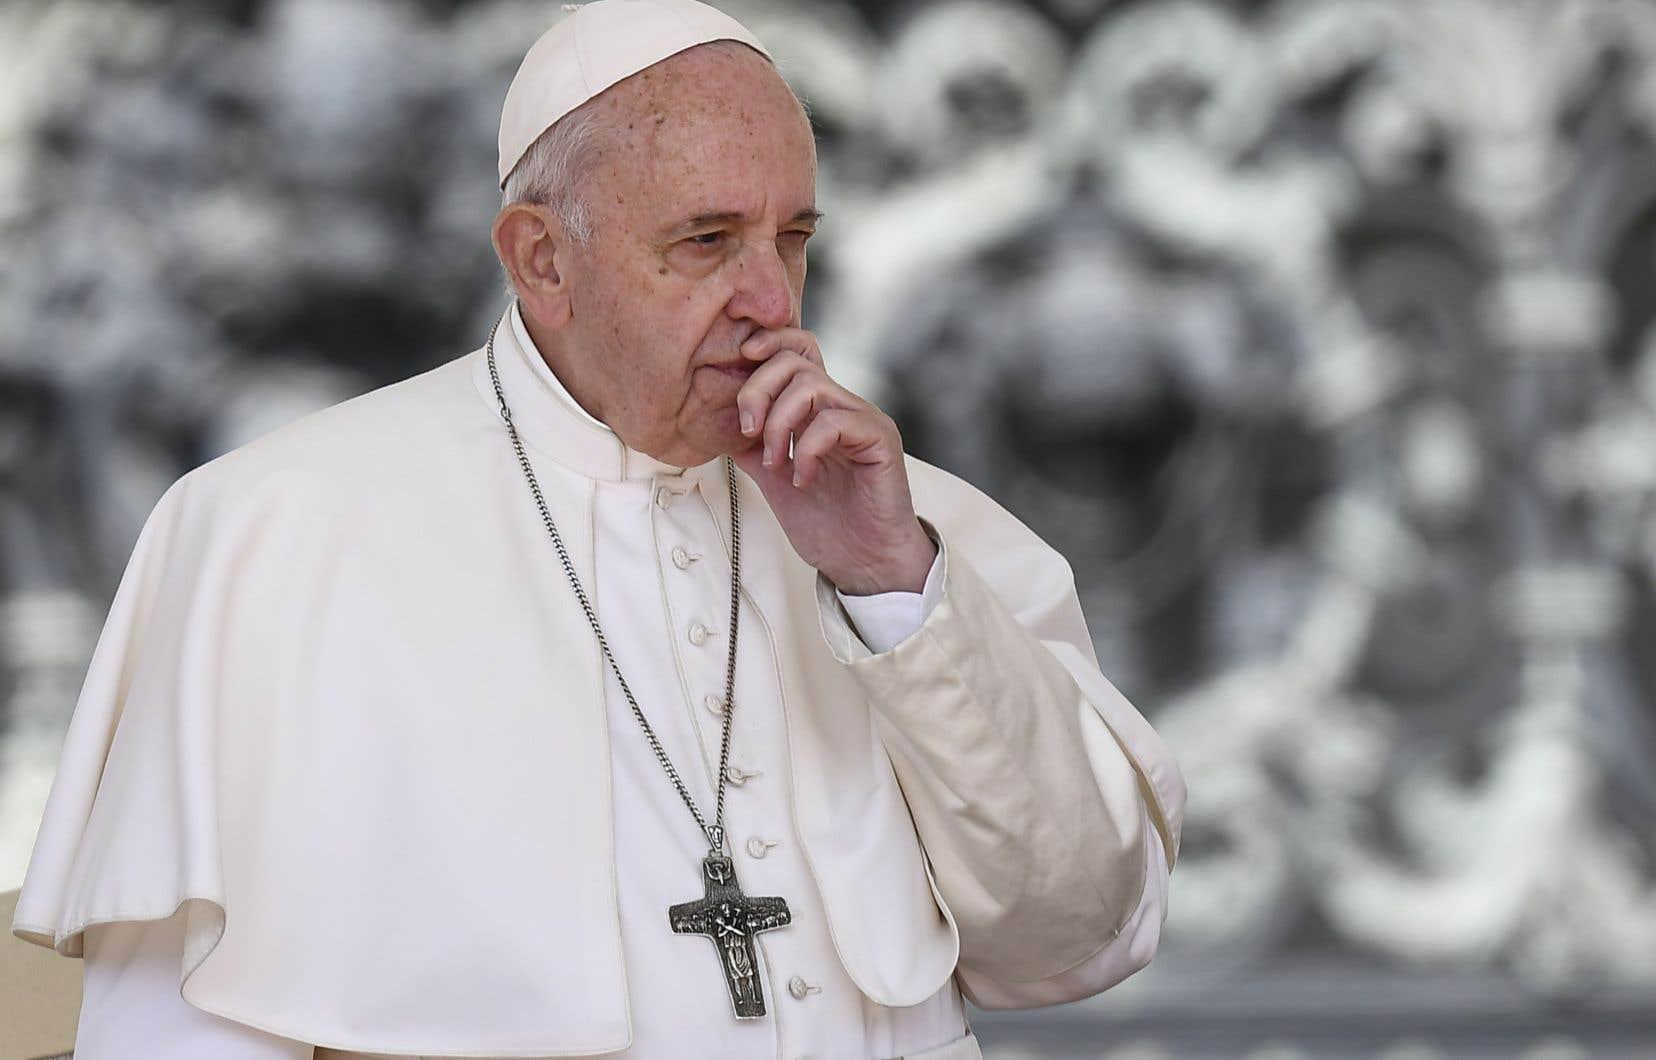 <p>Le souverain pontife a néanmoins souhaité que le secret de la confession demeure absolu, ce qui exclut donc une dénonciation de faits rapportés par un fidèle dans le confessionnal.</p>